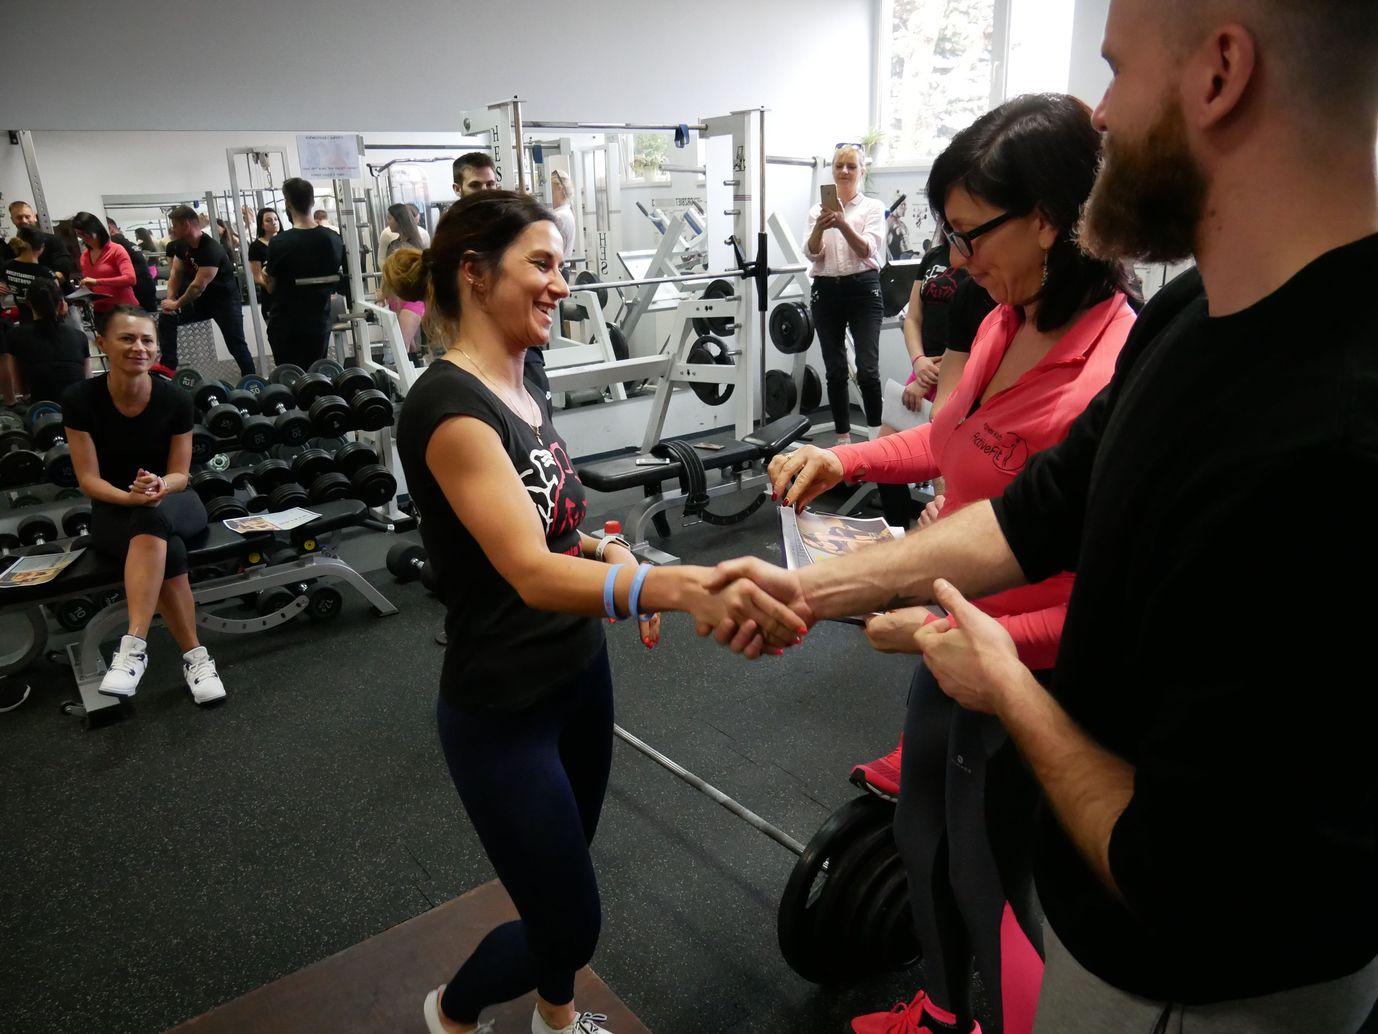 Zawody Martwy Ciąg Pleszew Fitness Klub Active Fit ul. Traugutta 30 siłownia trening personalny 31